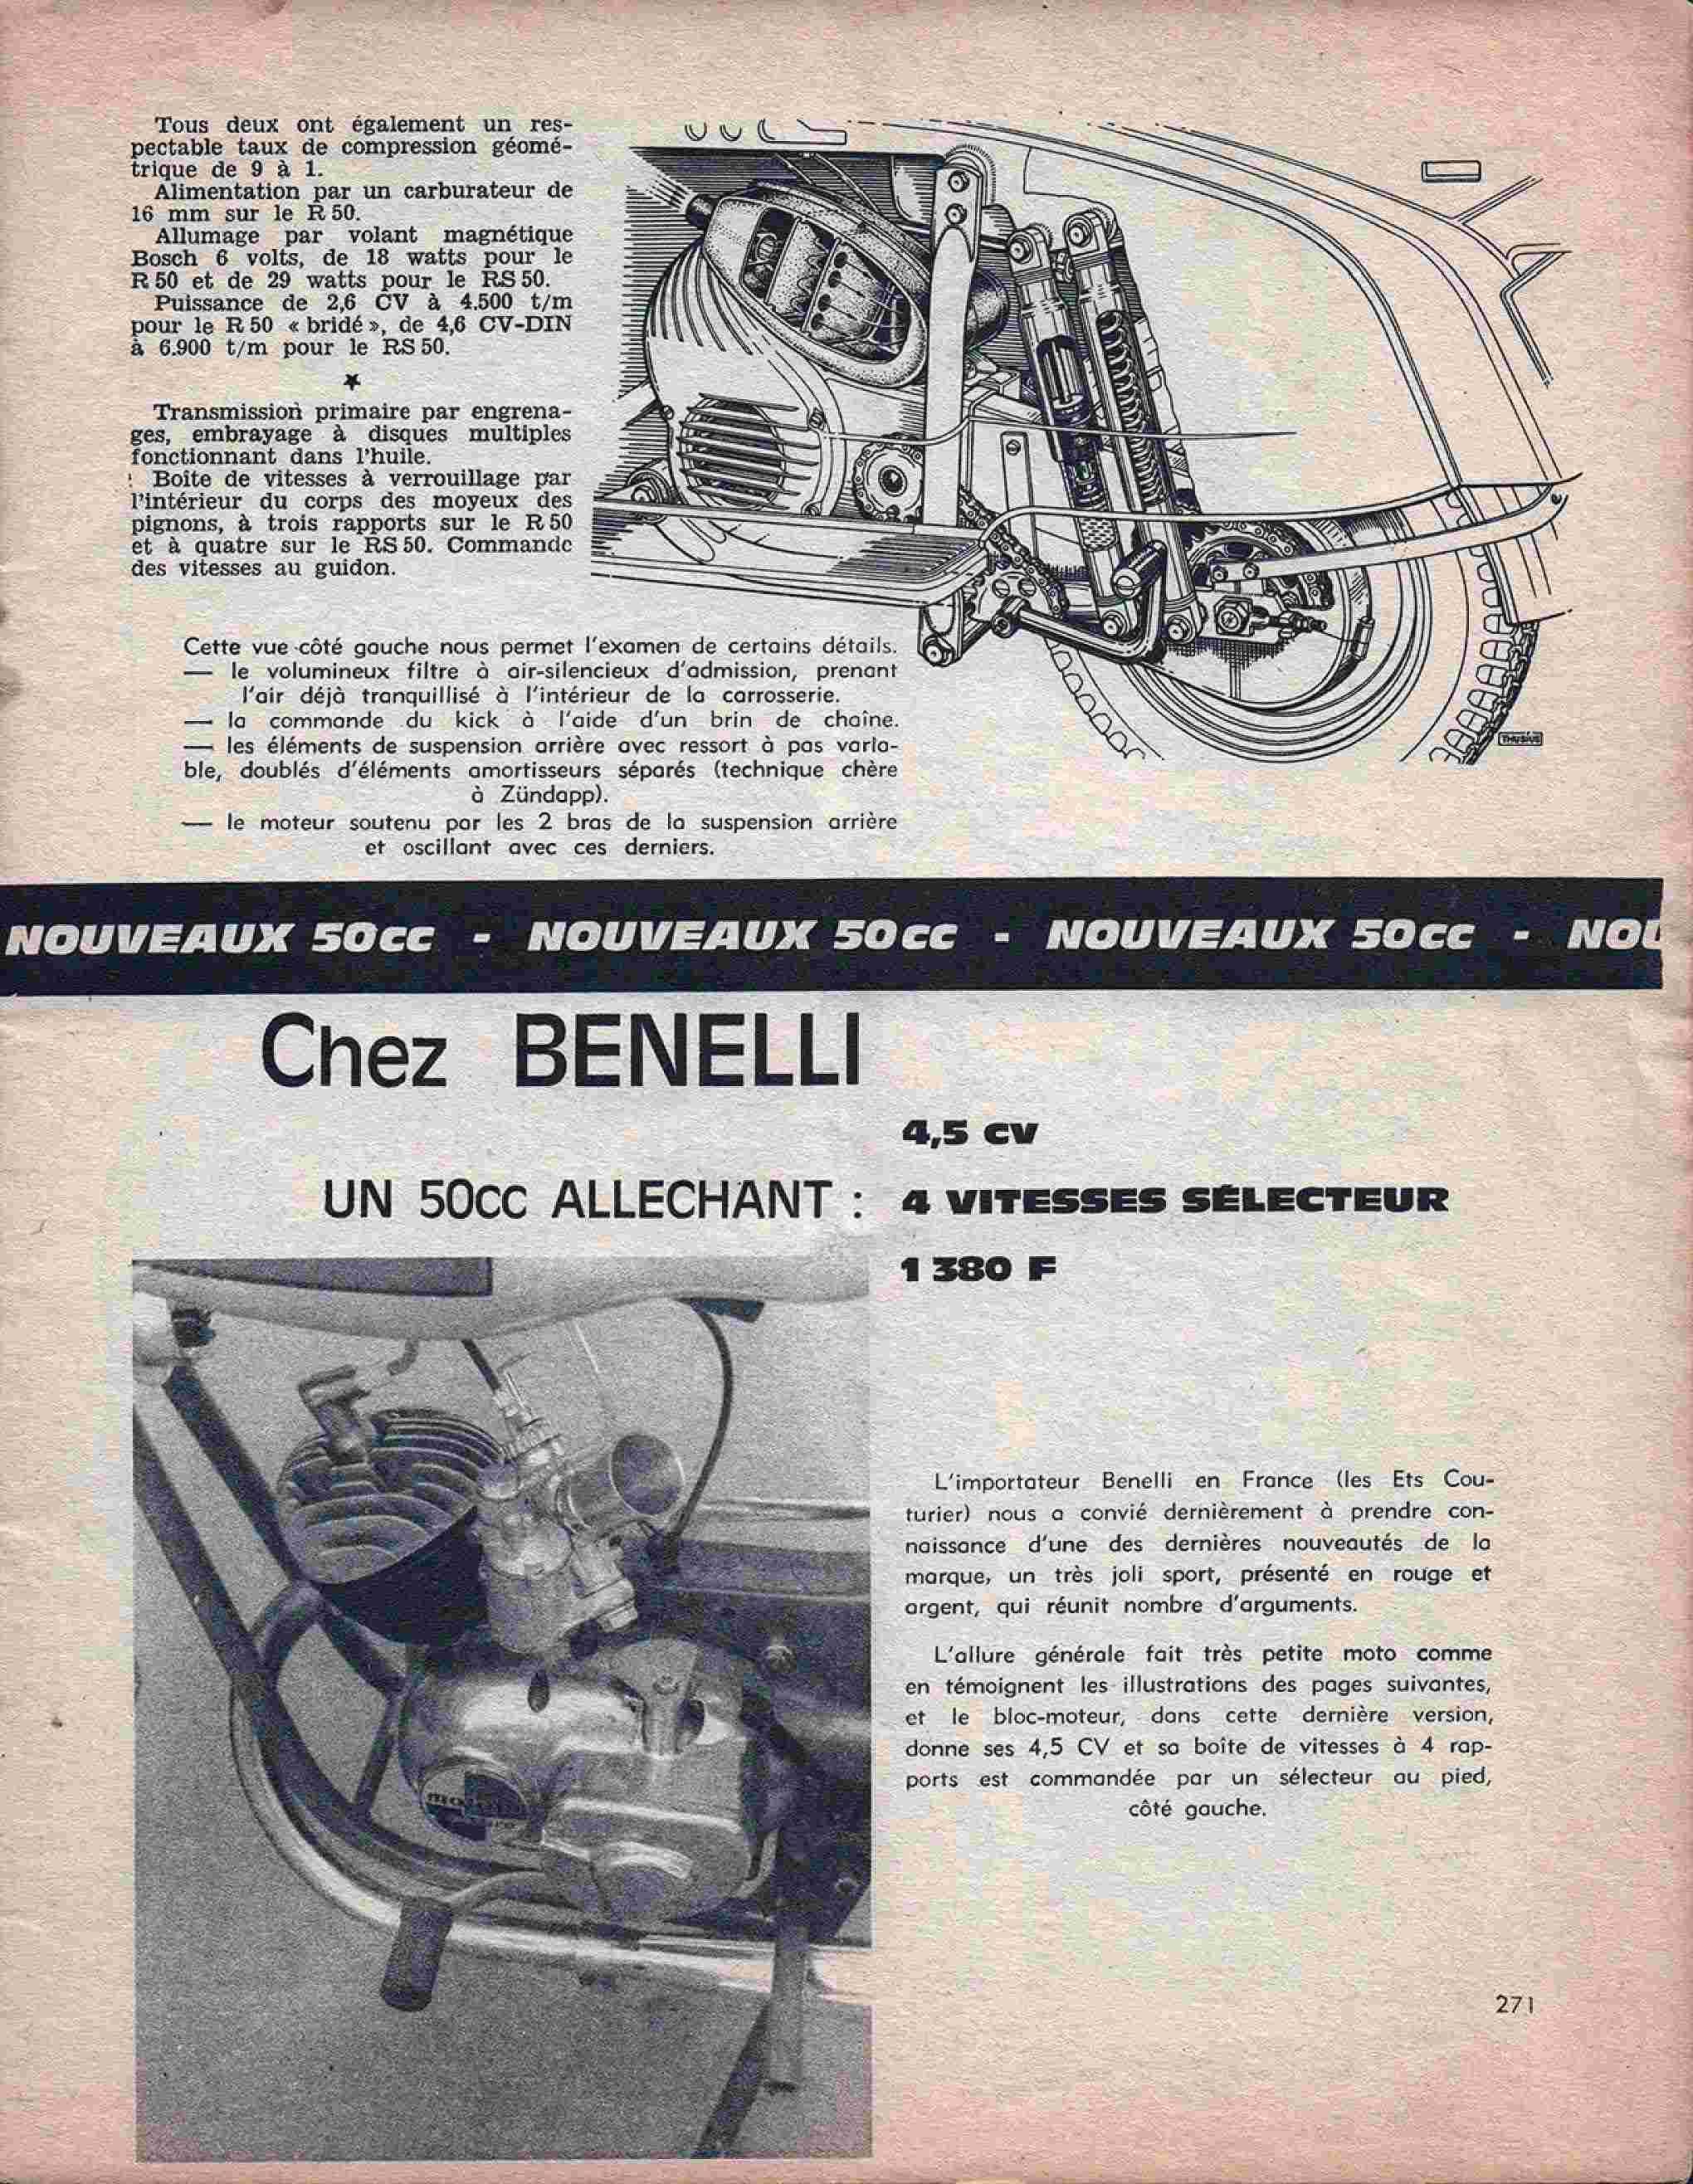 benelli puma Benell16